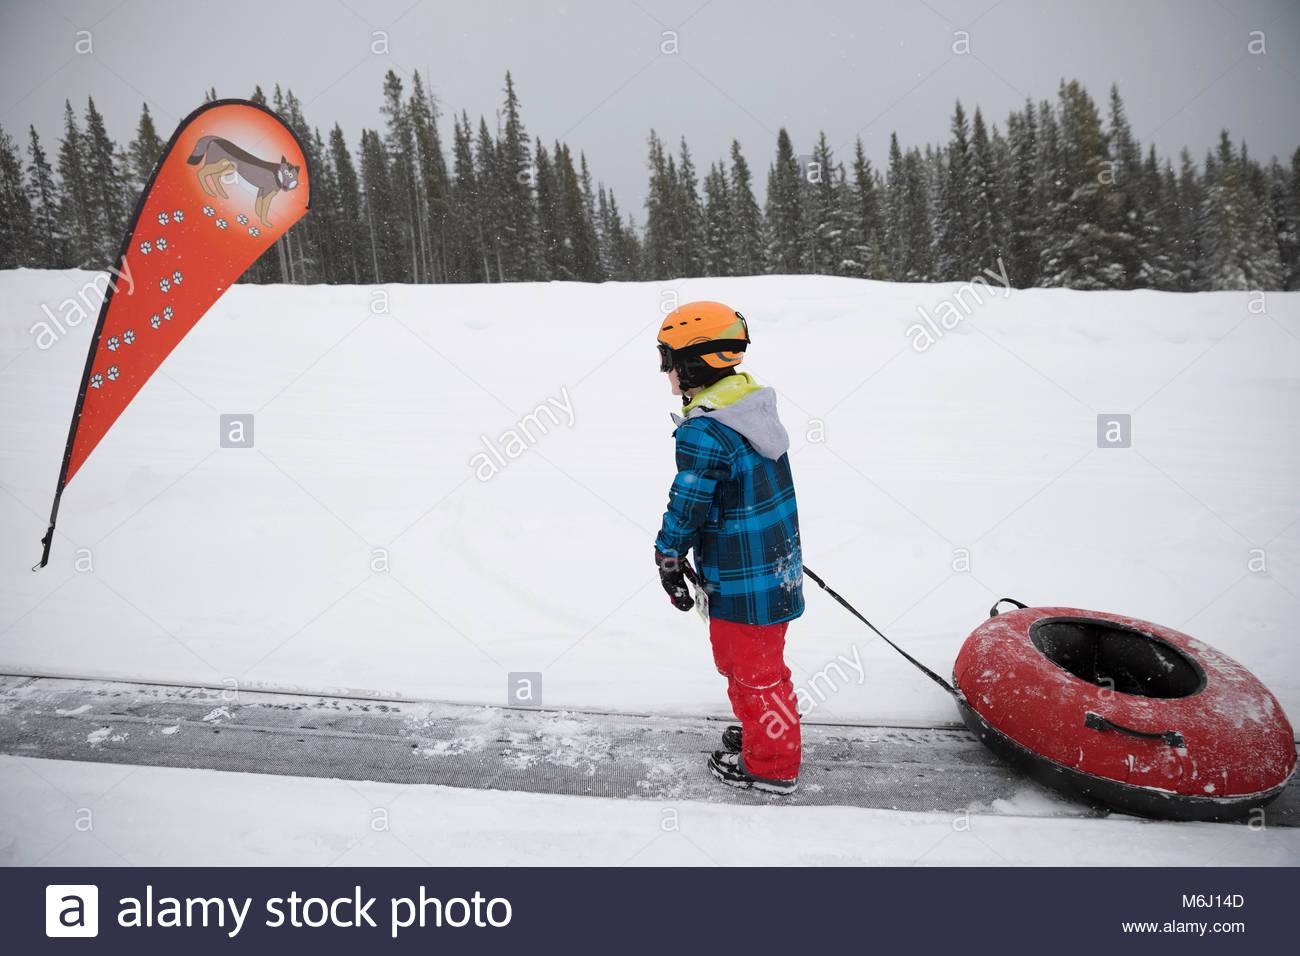 Ragazzo tirando il tubo interno nella neve a snow park Immagini Stock